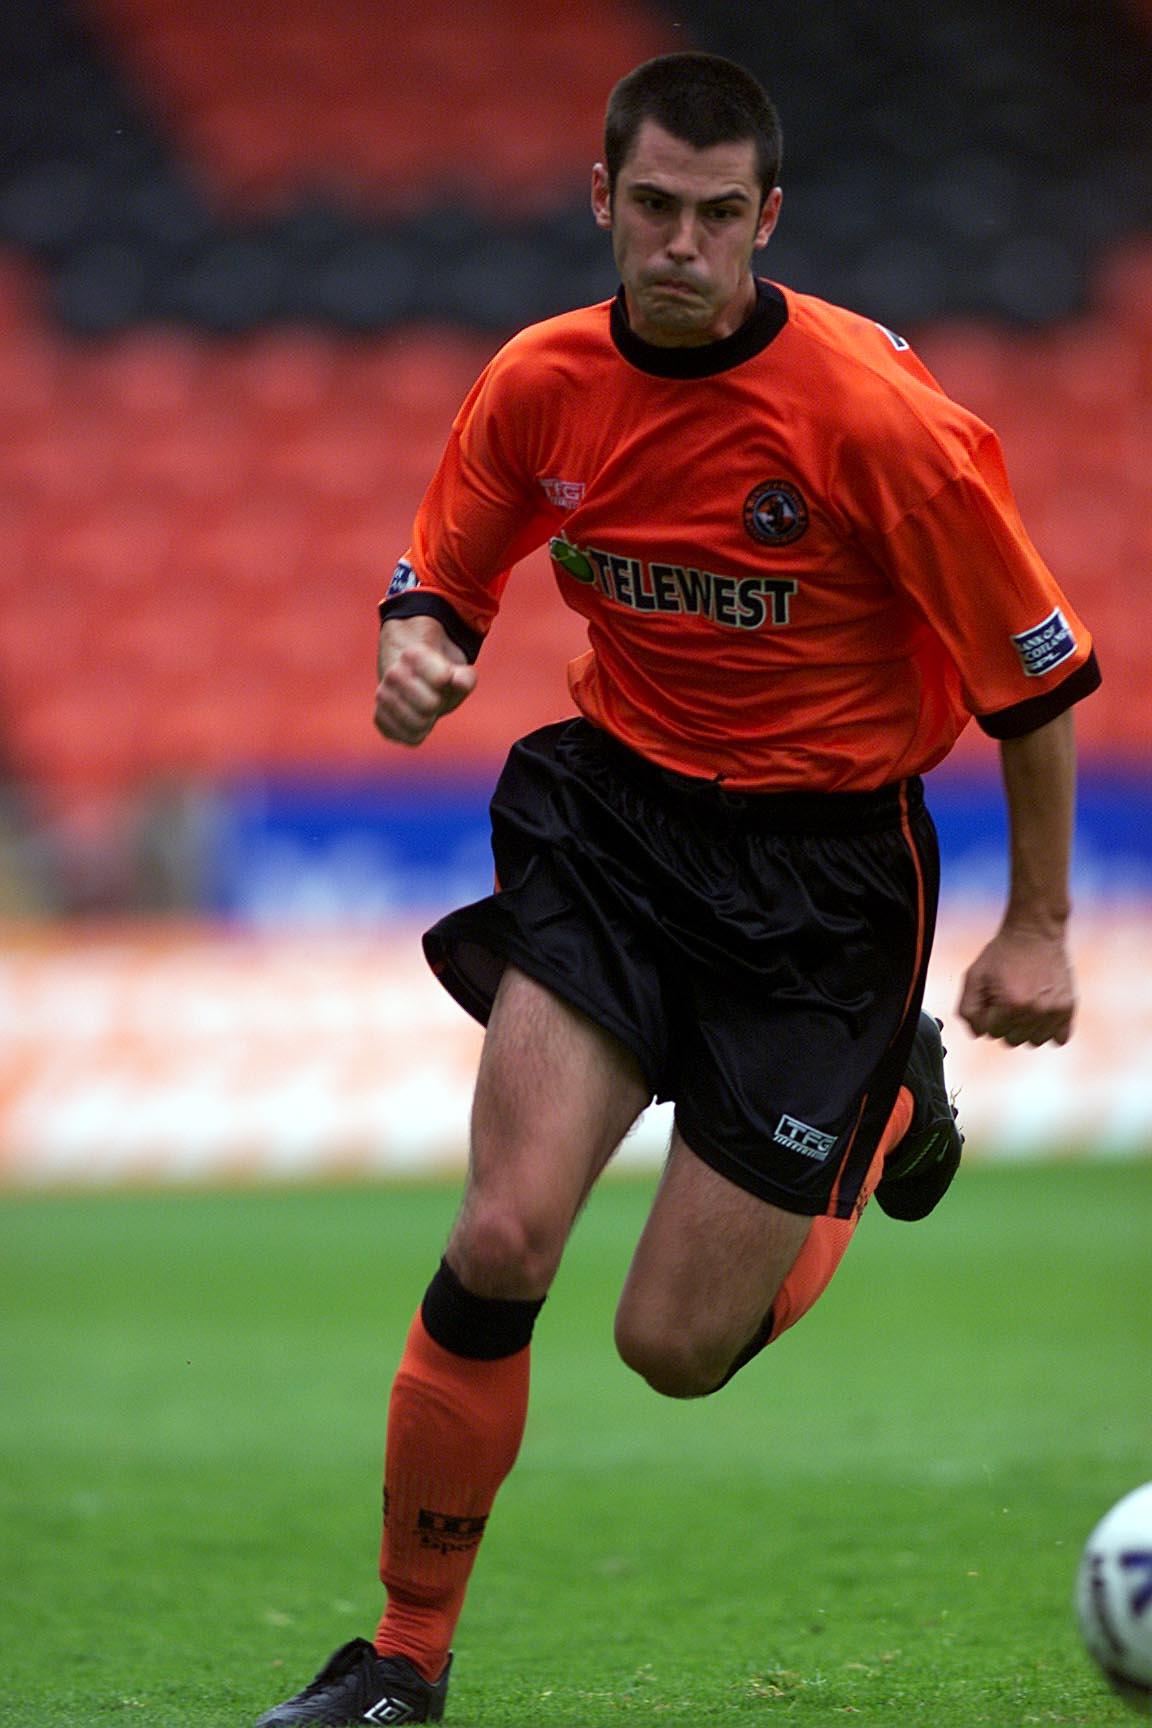 Steven Thompson made his breakthrough in United's senior ranks